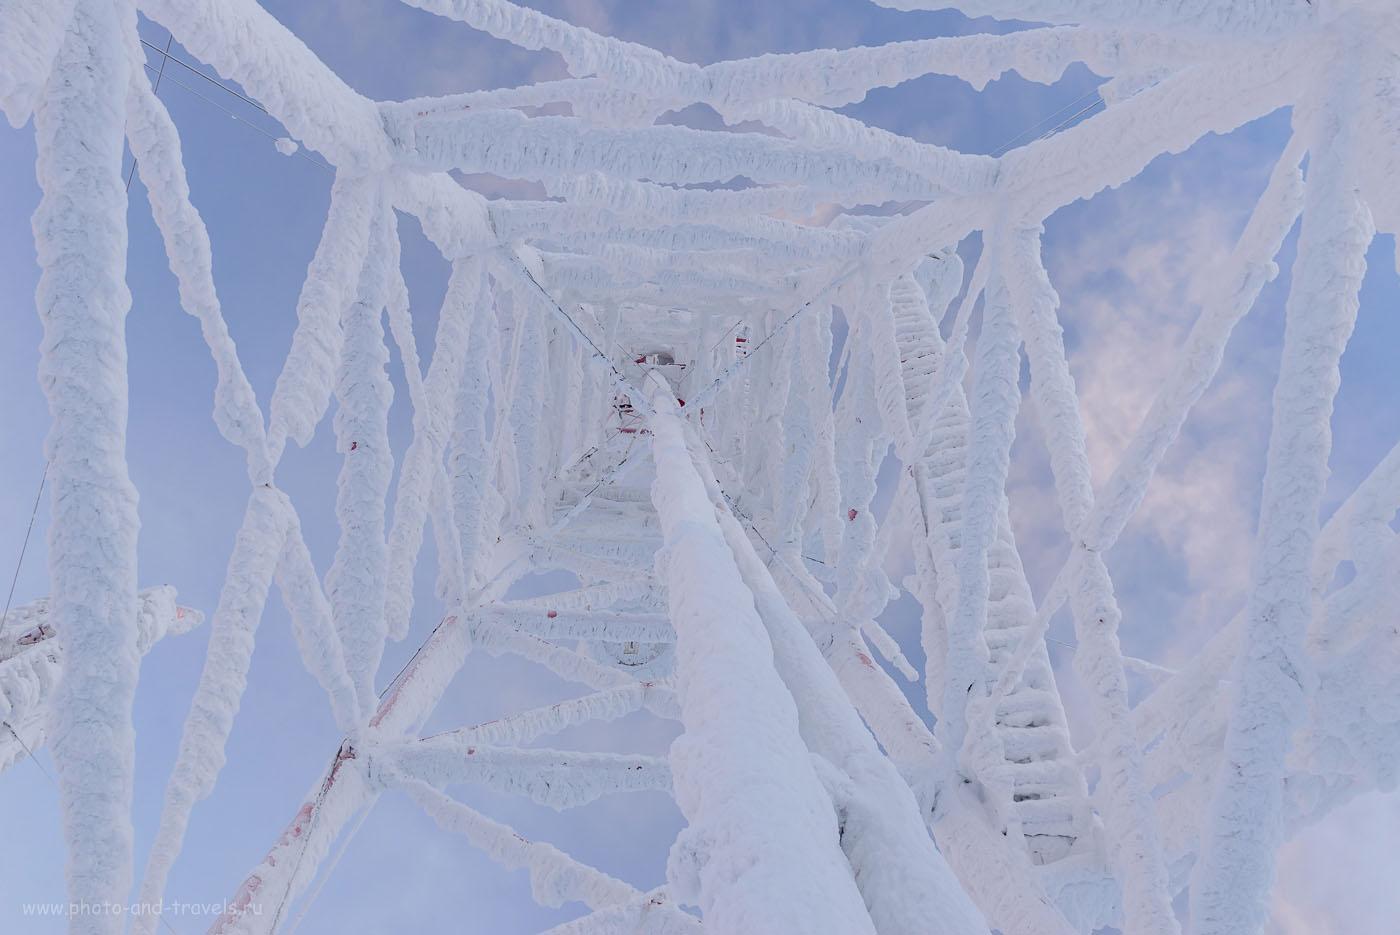 6-1. Вышка на горе Полюд. Отзывы о поездке в Пермский край на авто. 1/80, +0.67, 8.0, 500, 24.